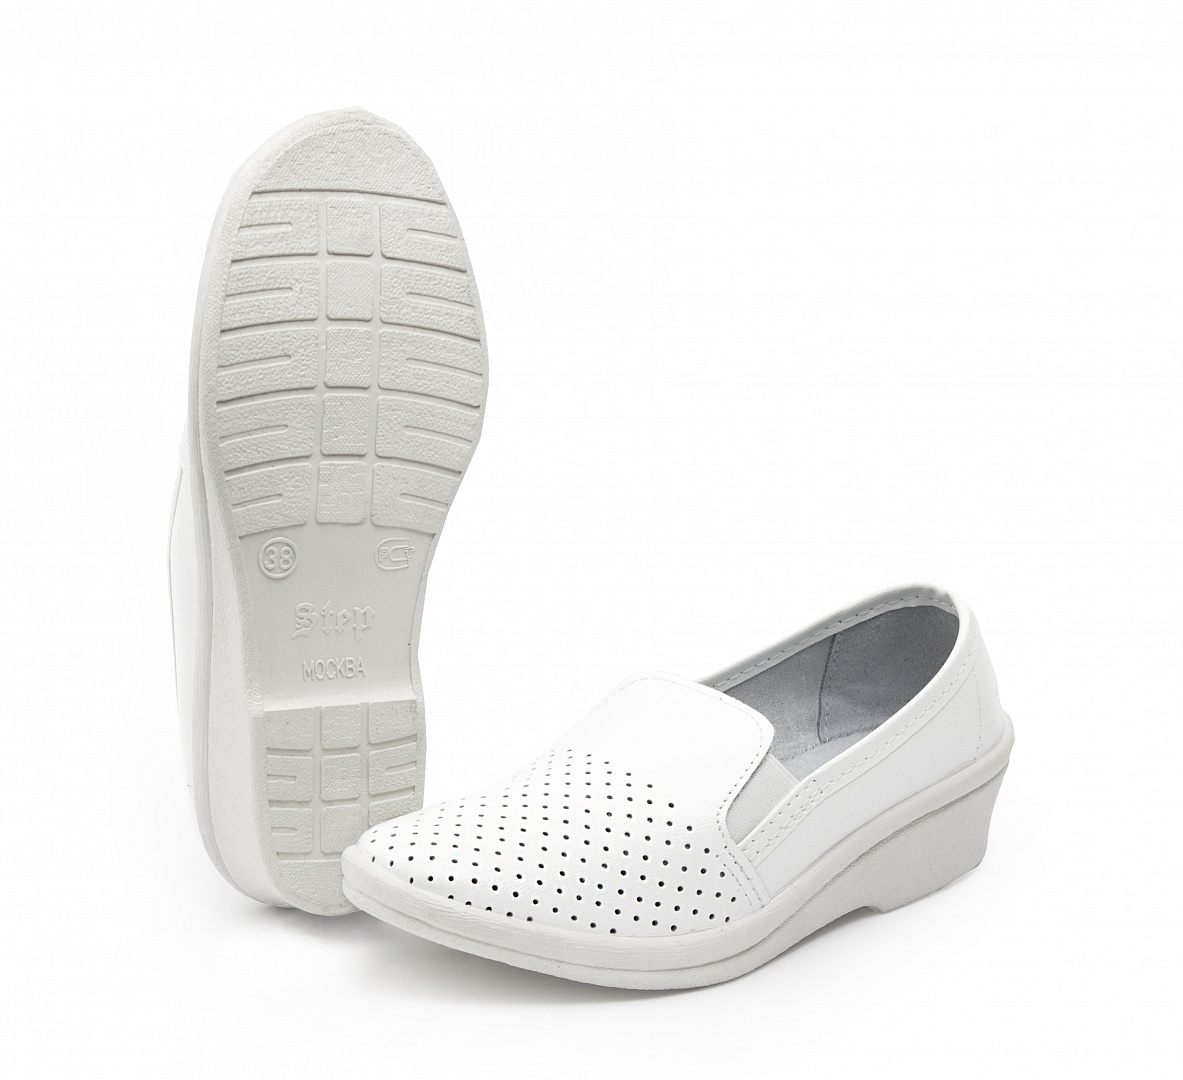 Туфли летние женские кожаные Аня, белый